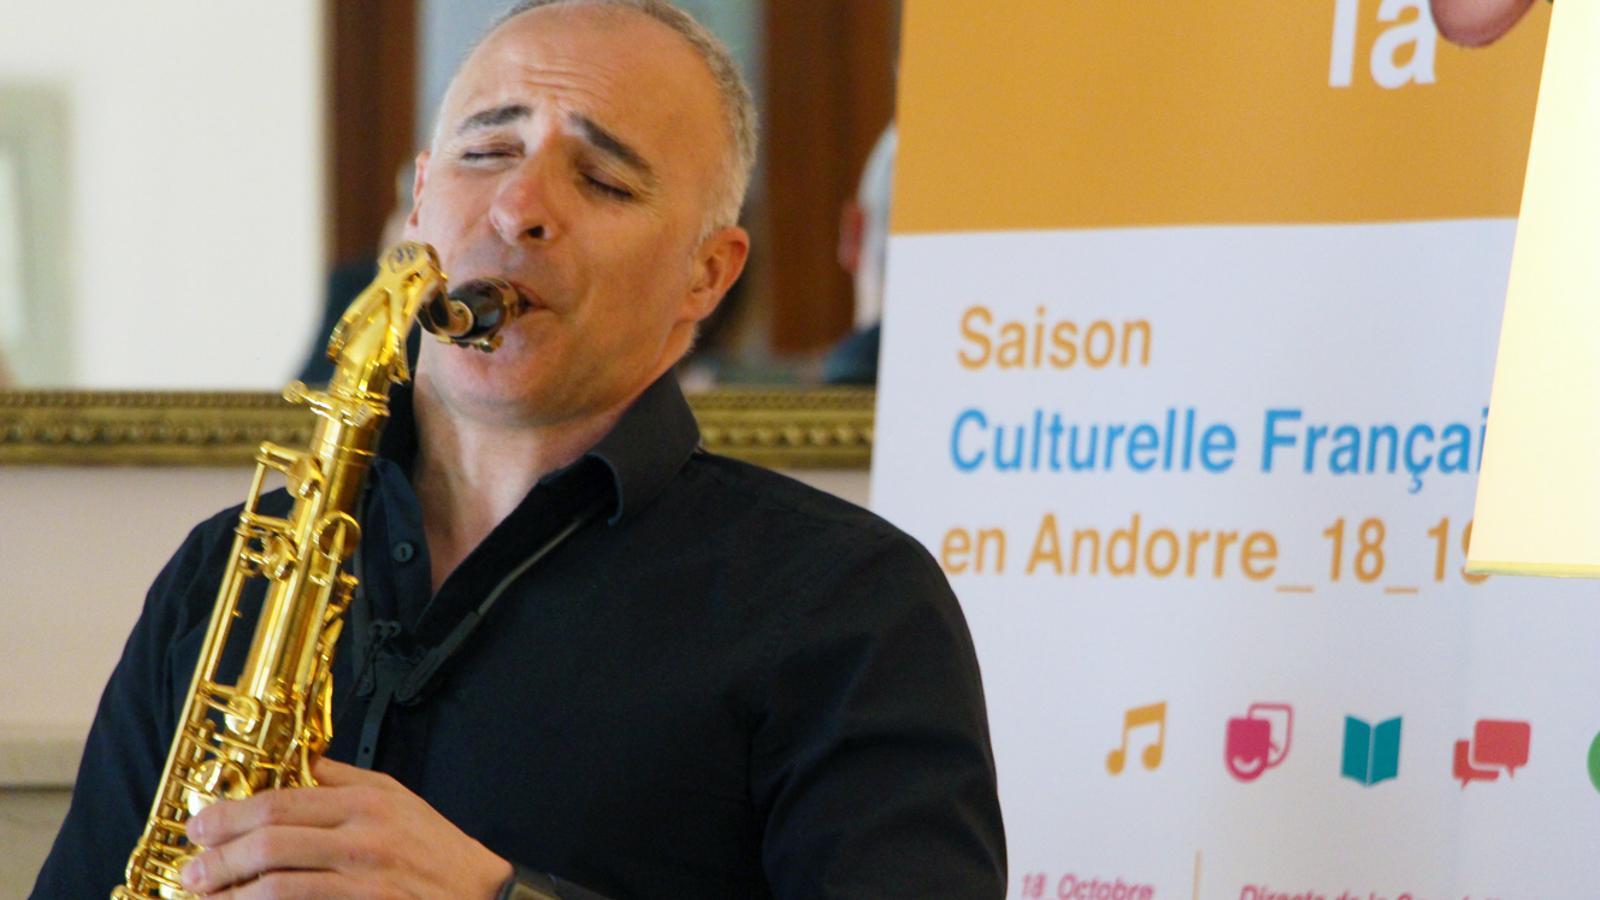 El director de l'Andorra Sax Fest, Efrem Roca, durant la presentació del concert de Désaxés. / T. N. (ANA)